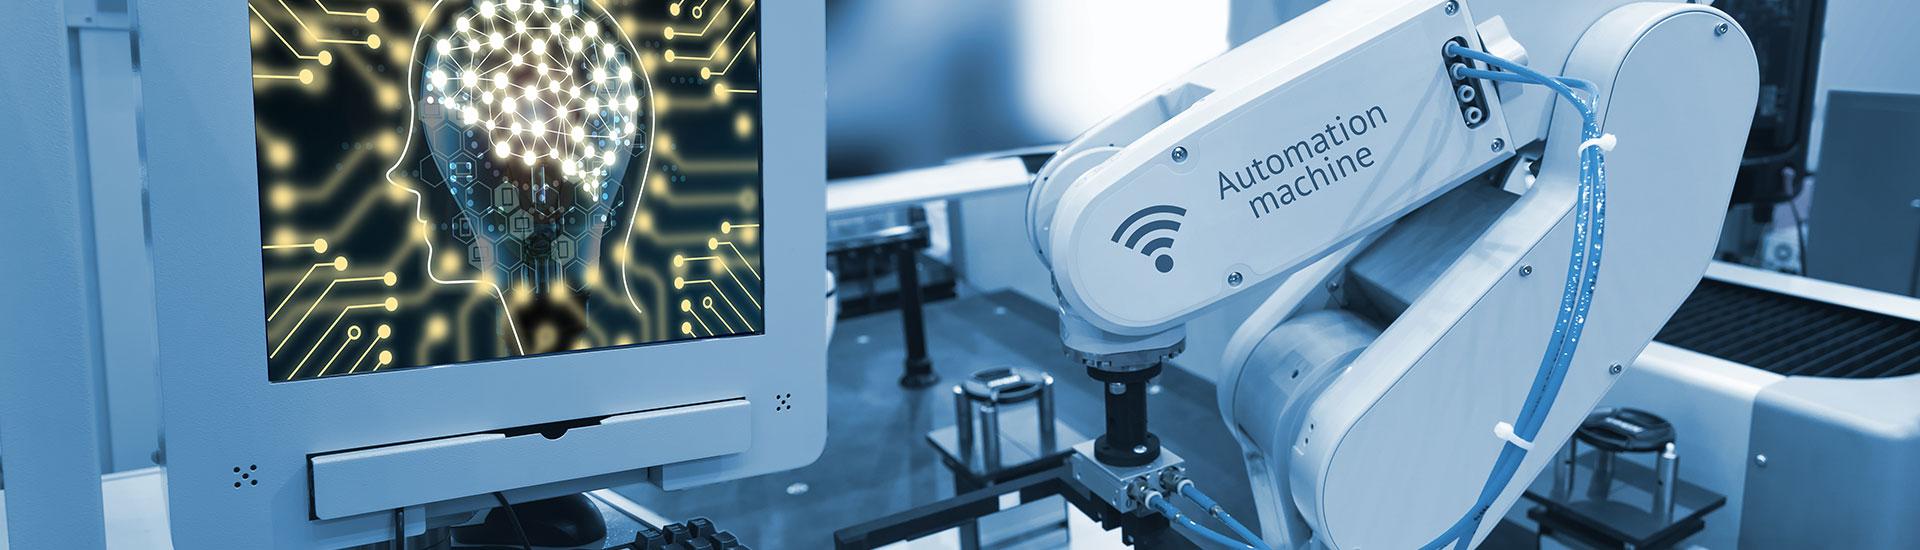 automation machine image